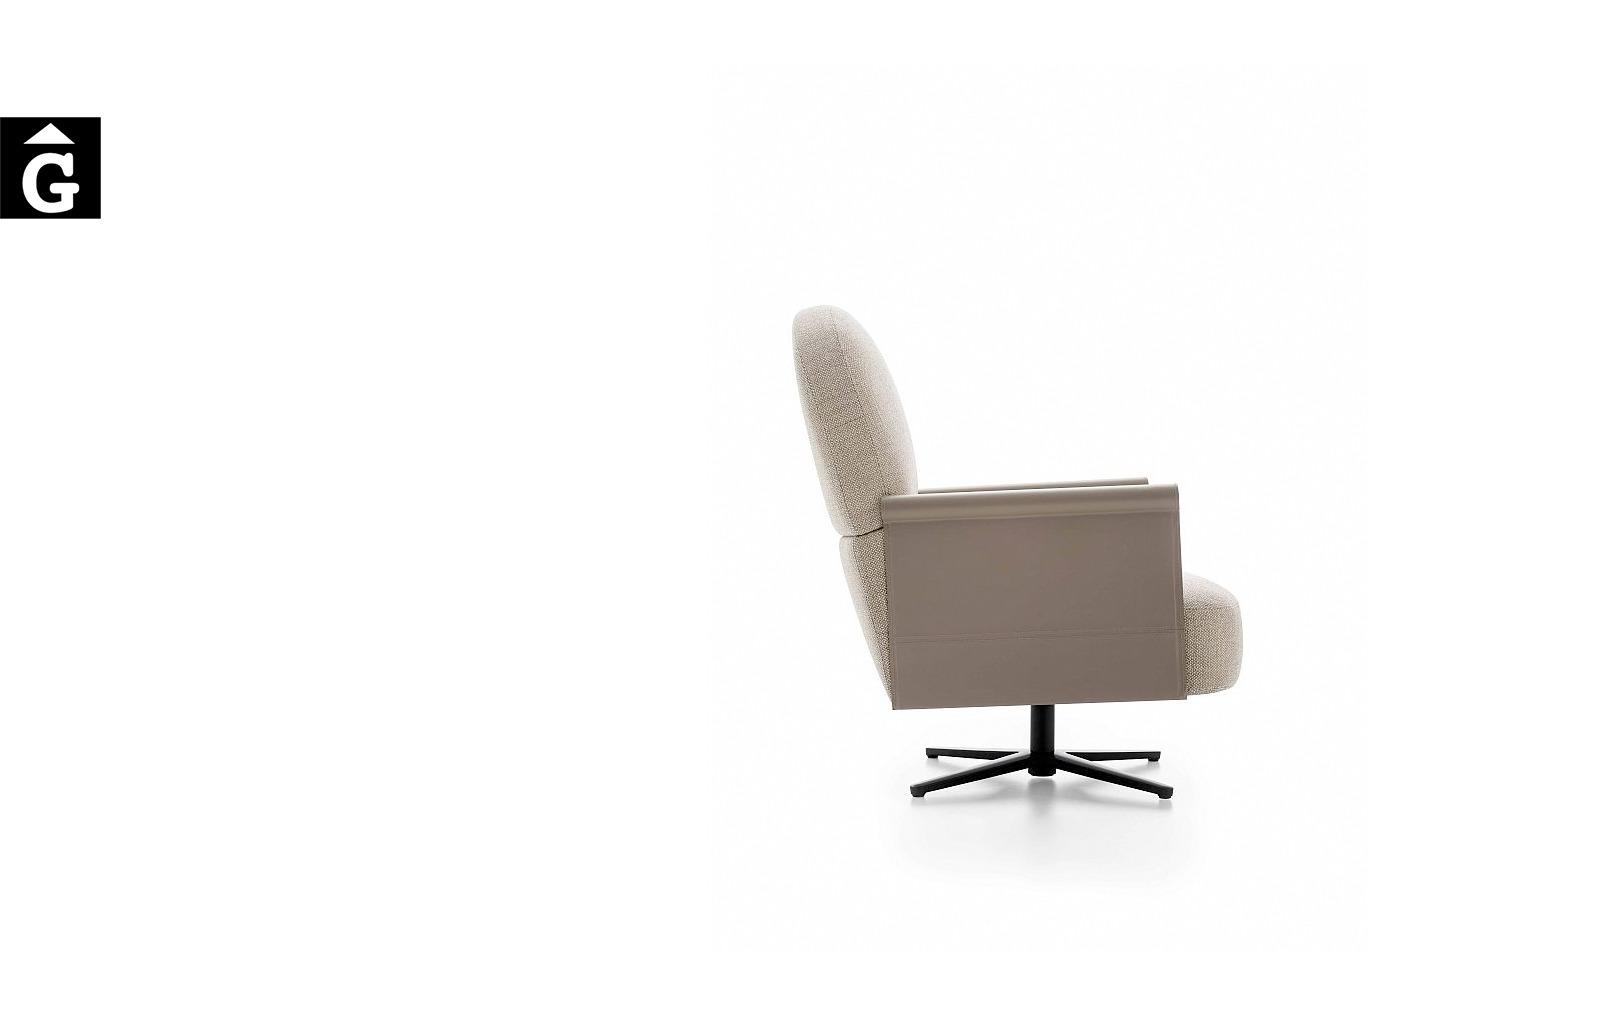 Butaca Beyl Alta de perfil – Ditre Italia Sofas disseny i qualitat alta by mobles Gifreu